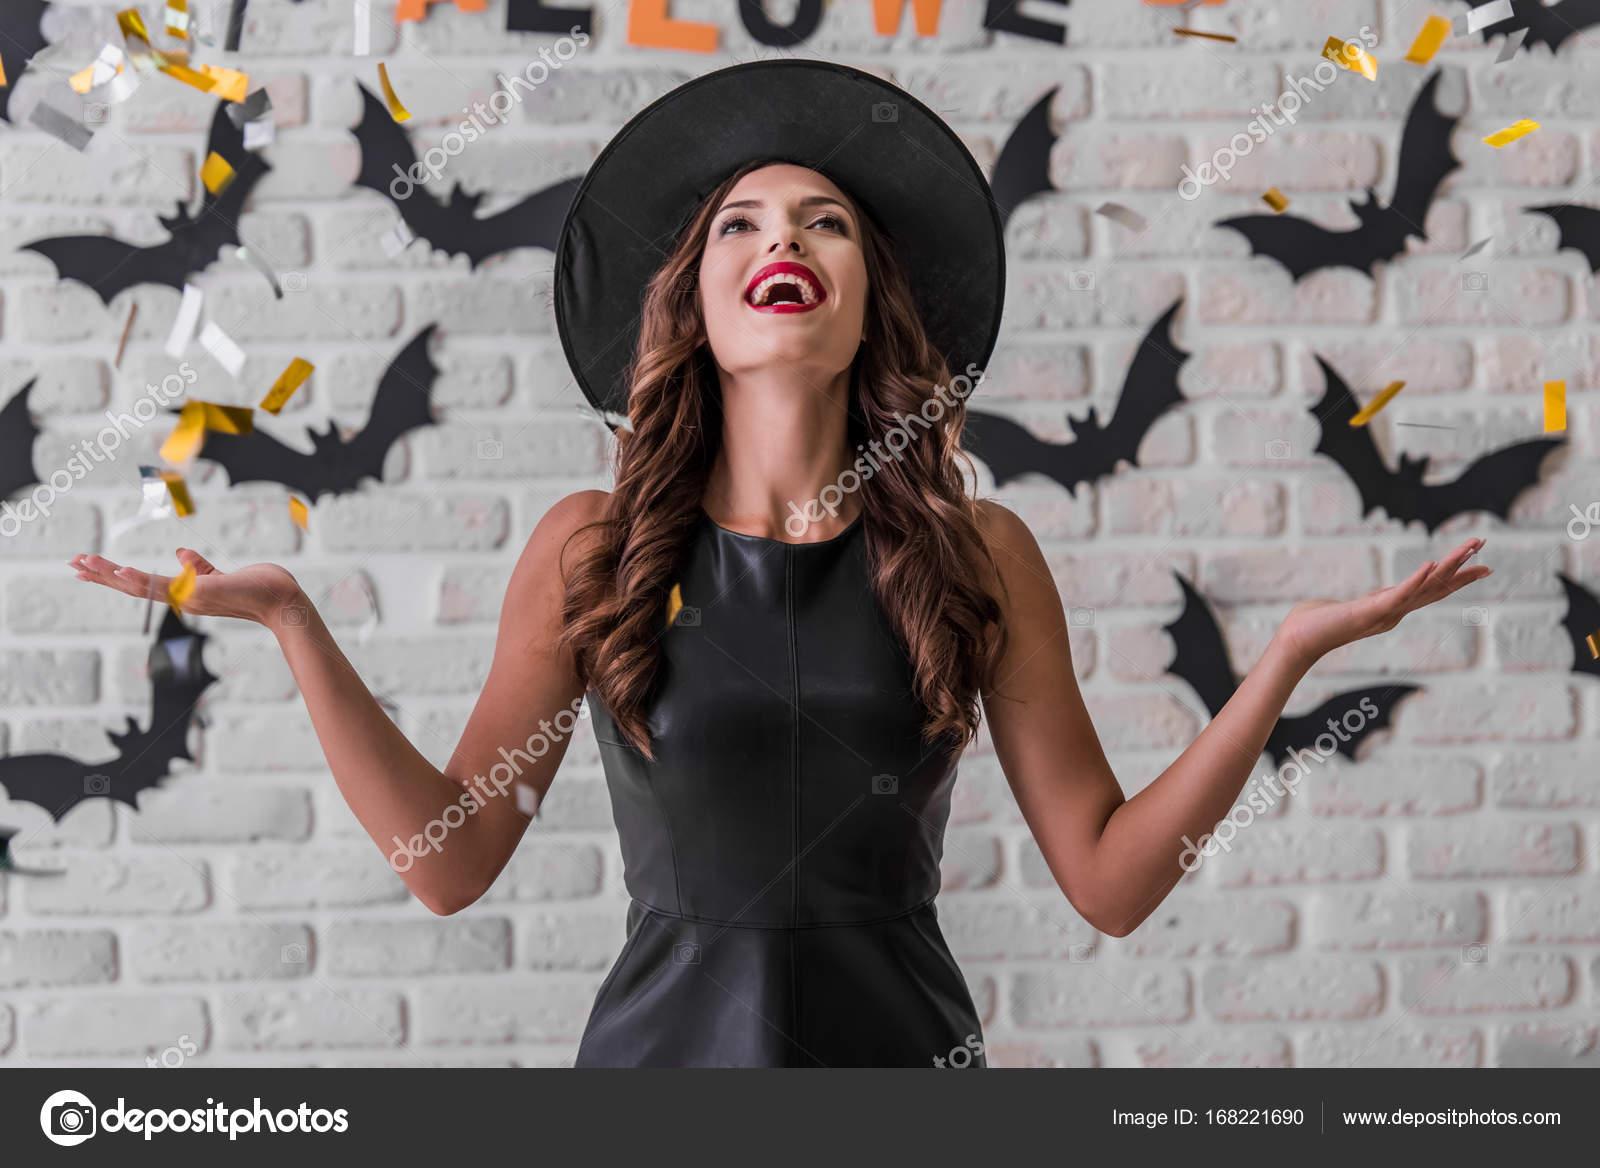 Mädchen bereit für Halloween-party — Stockfoto © GeorgeRudy #168221690